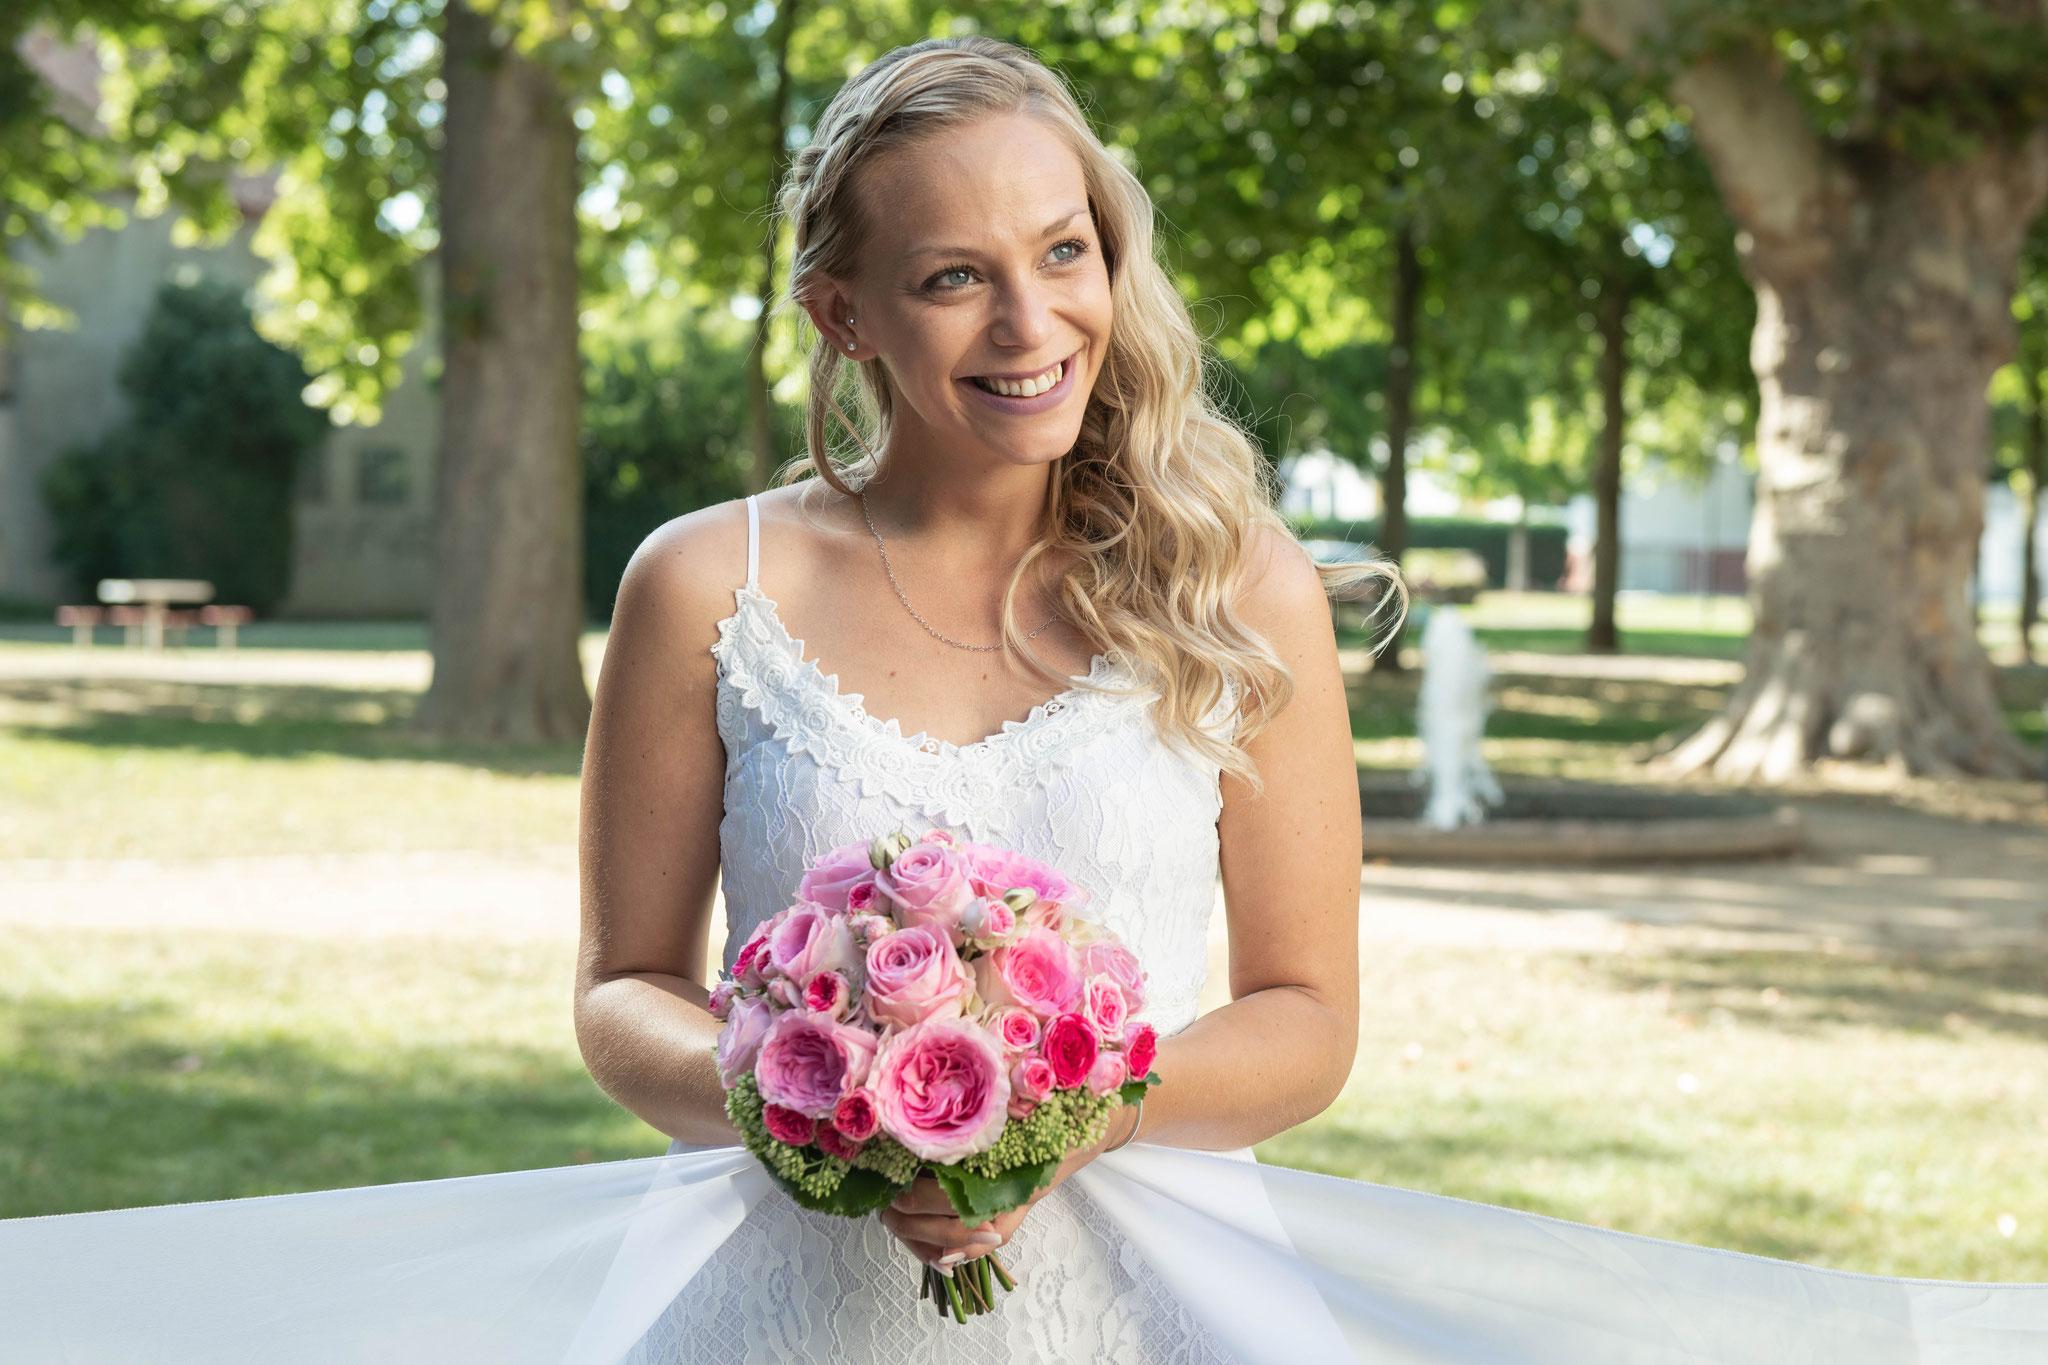 Das süße Lächeln der Braut